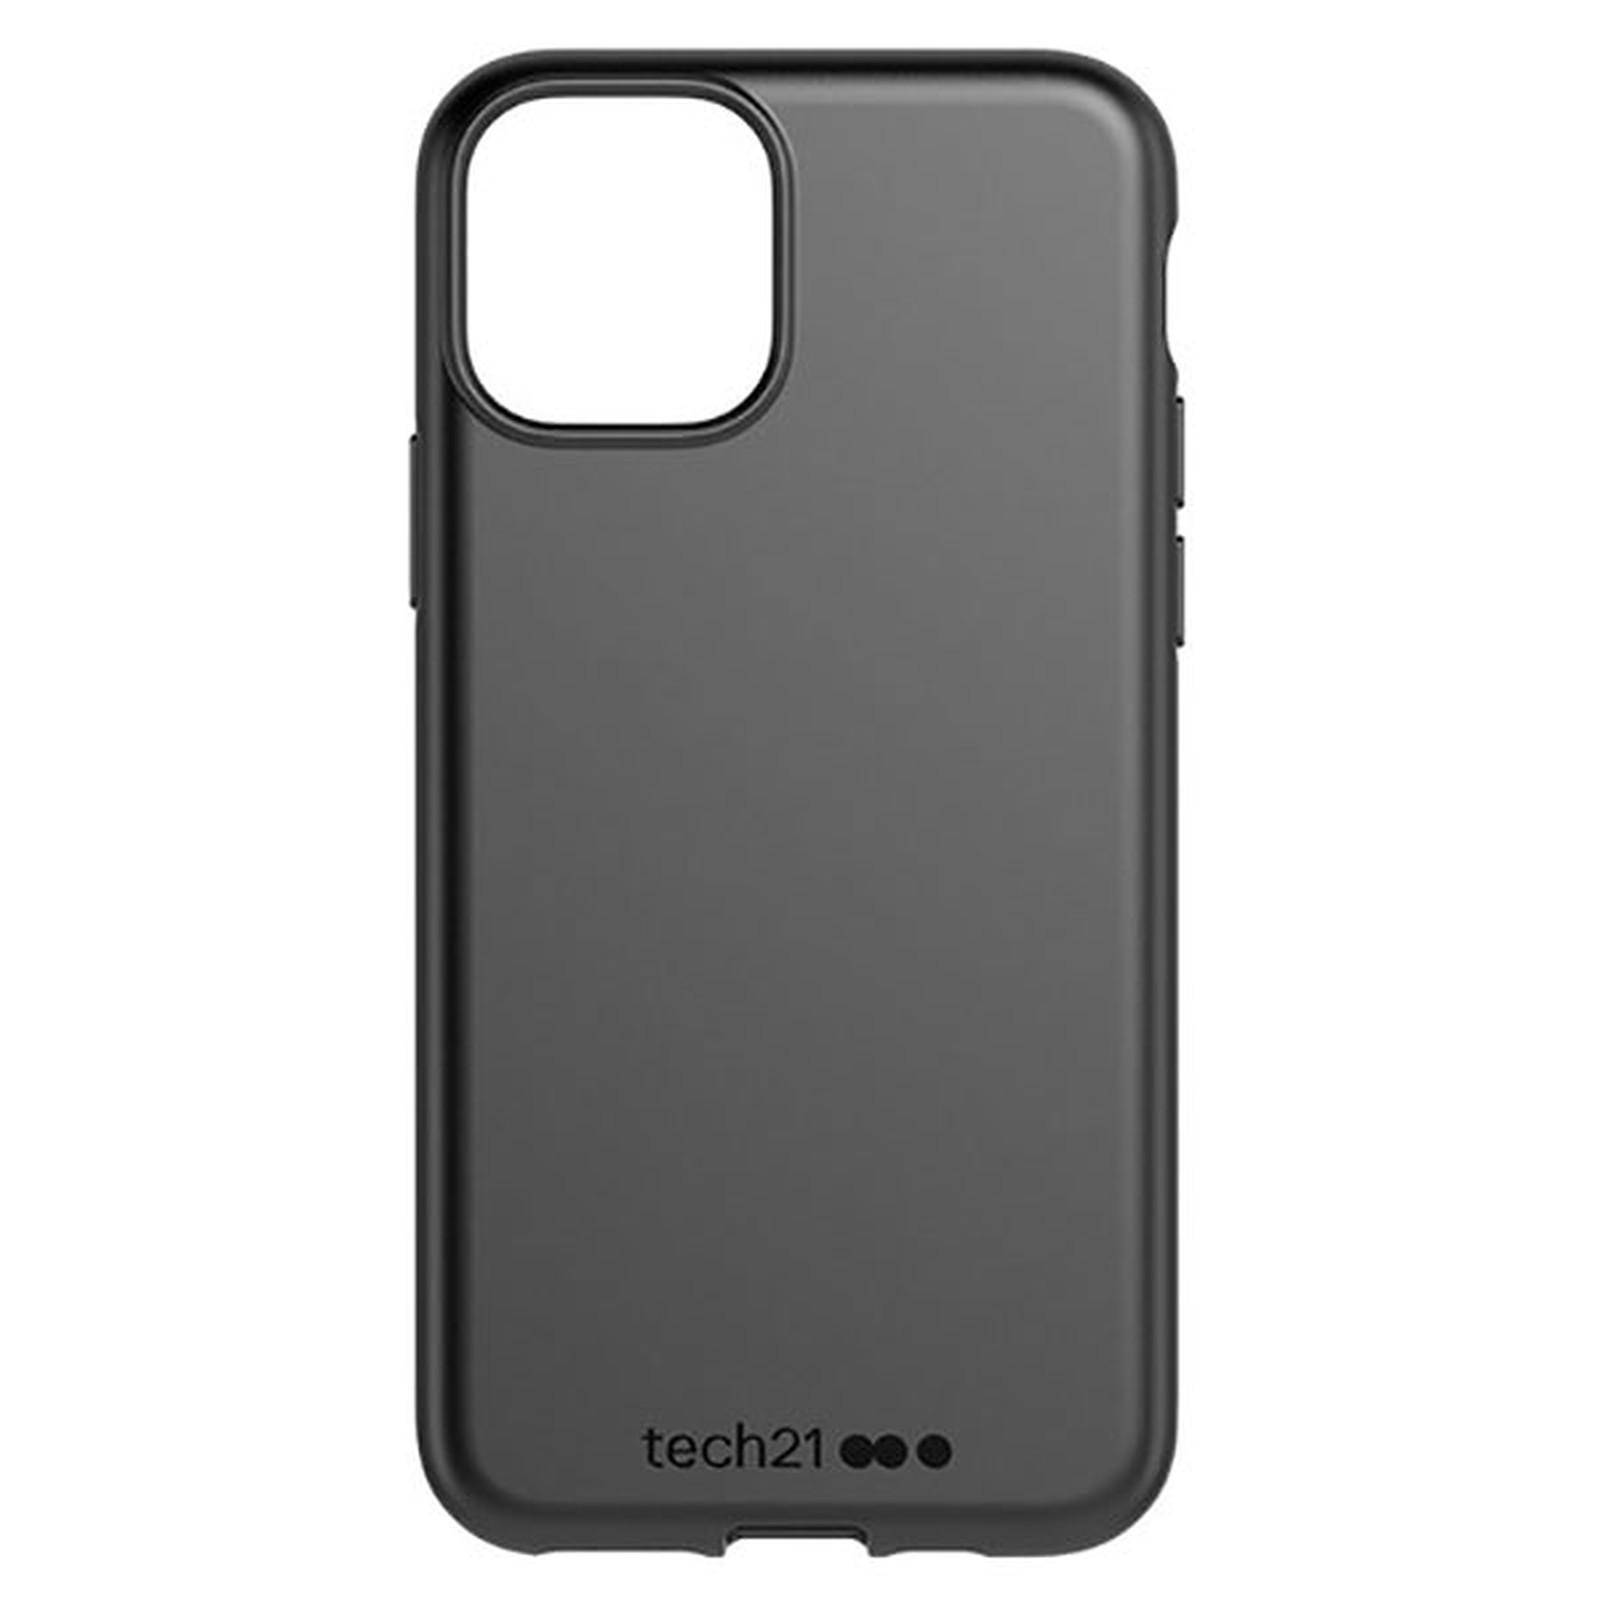 Tech21 Studio Colour Noir Apple iPhone 11 Pro